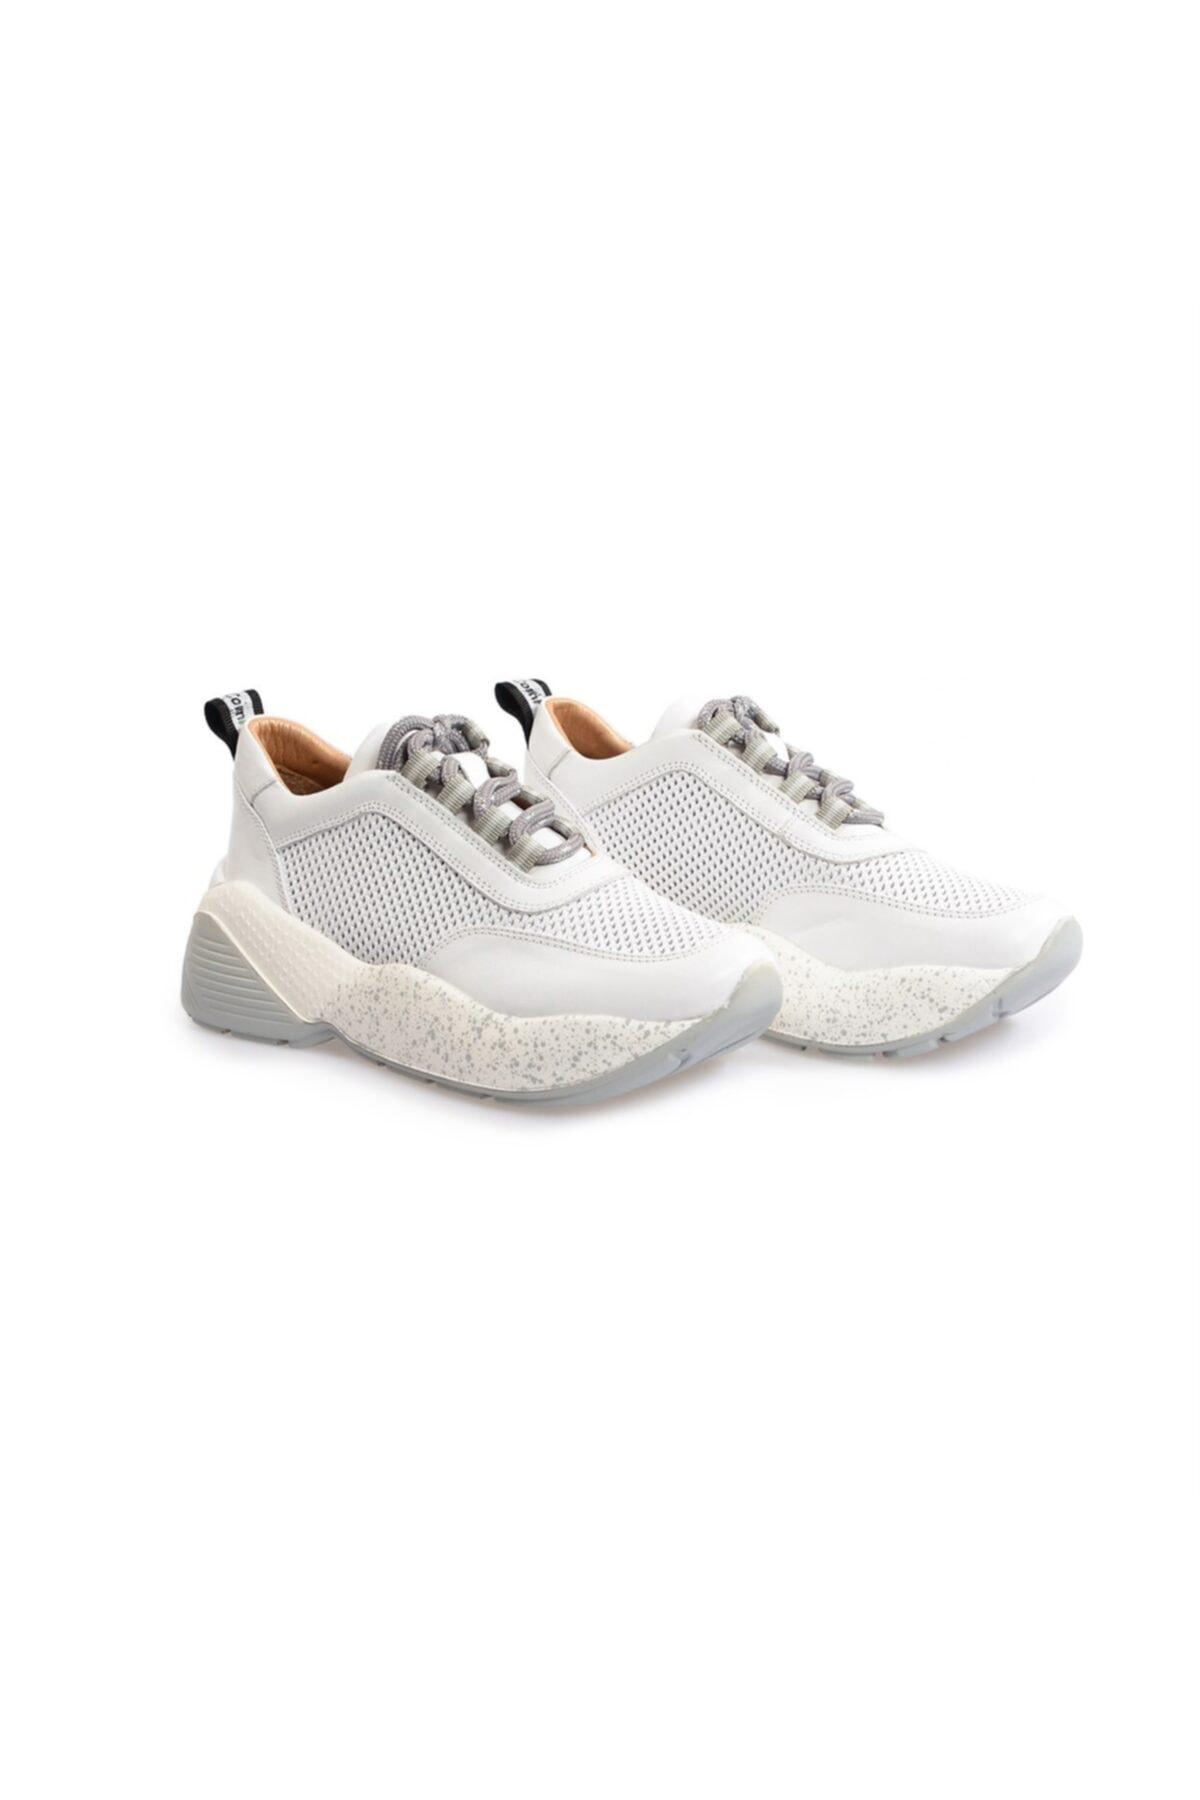 Flower Beyaz Yüksek Tabanlı Bağcıklı Spor Ayakkabı 2